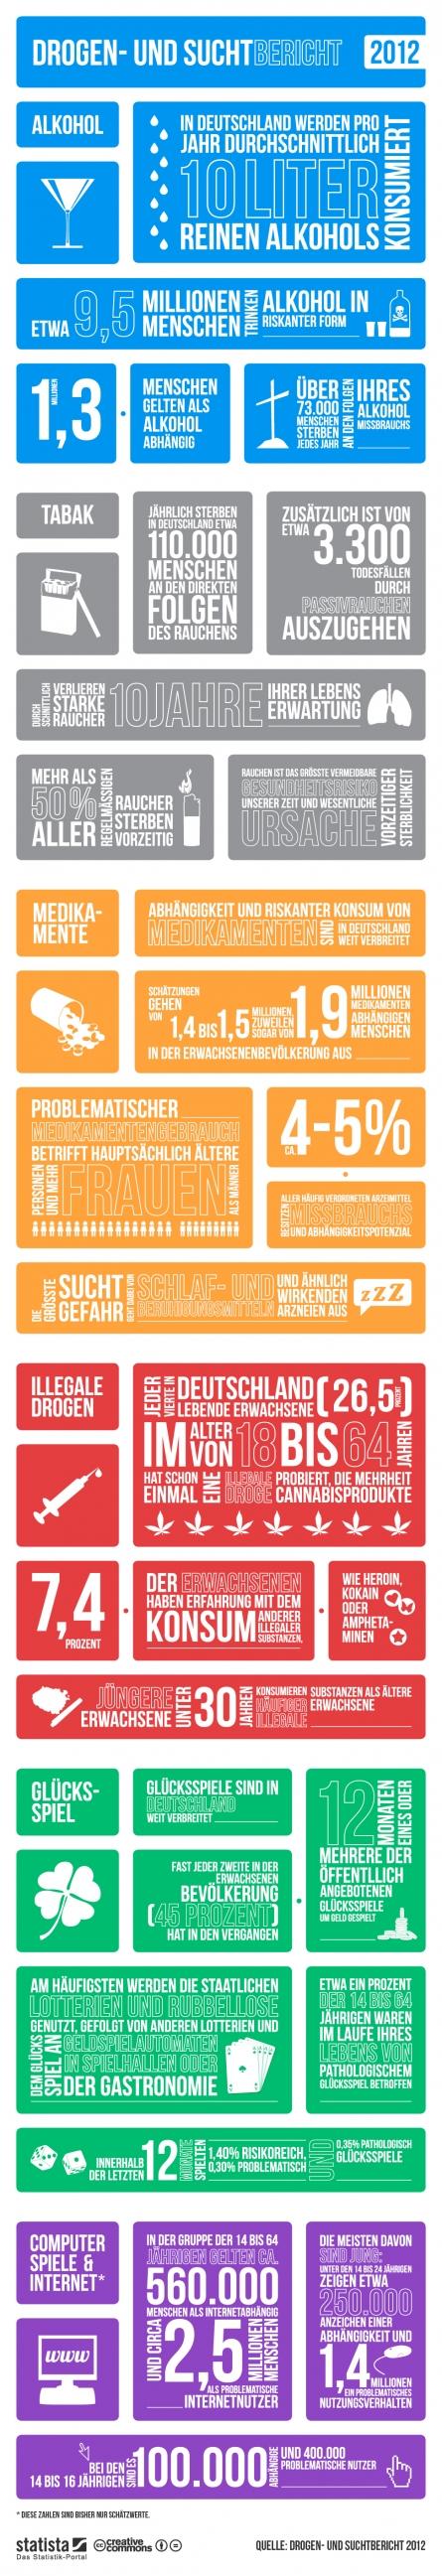 Sucht Der Drogenbericht 2012 - Sucht ist kein Randgruppenthema